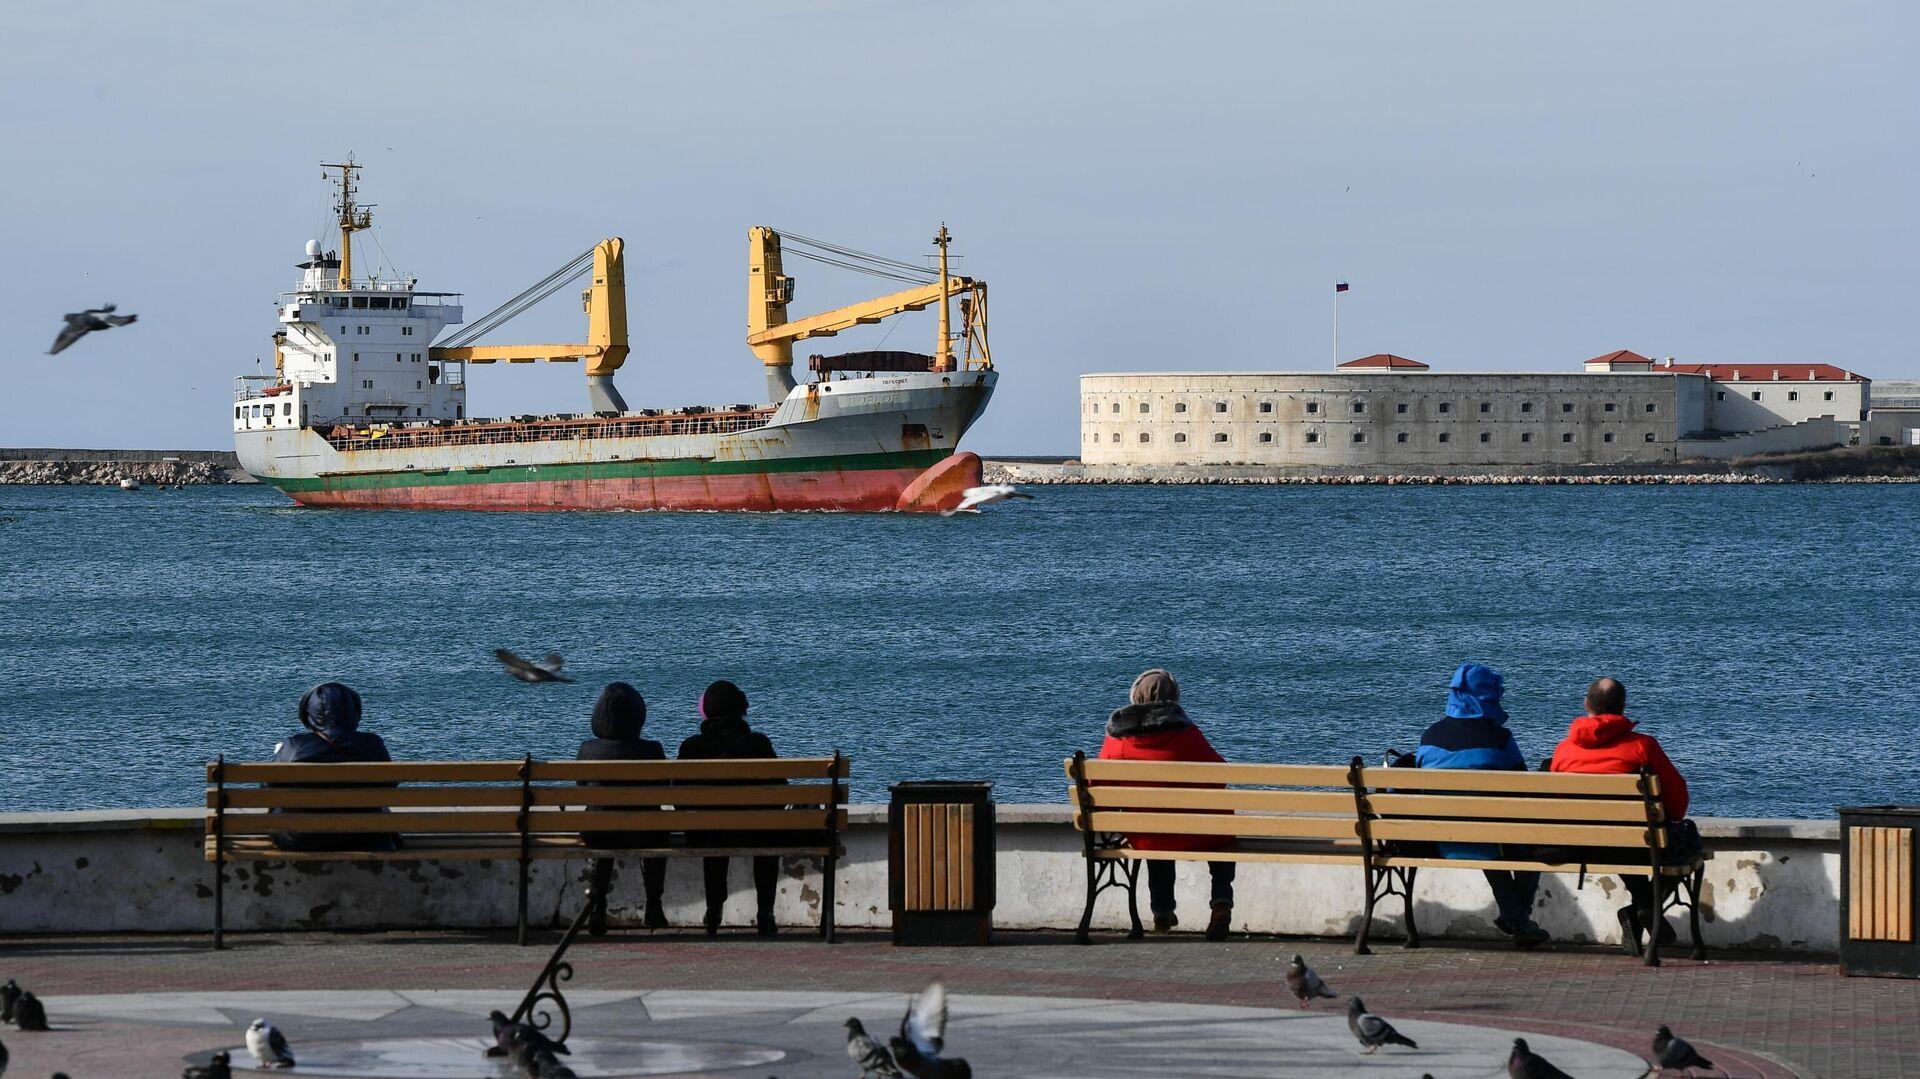 Вид на грузовой корабль и Константиновский Форт с набережной Севастополя - РИА Новости, 1920, 16.10.2020